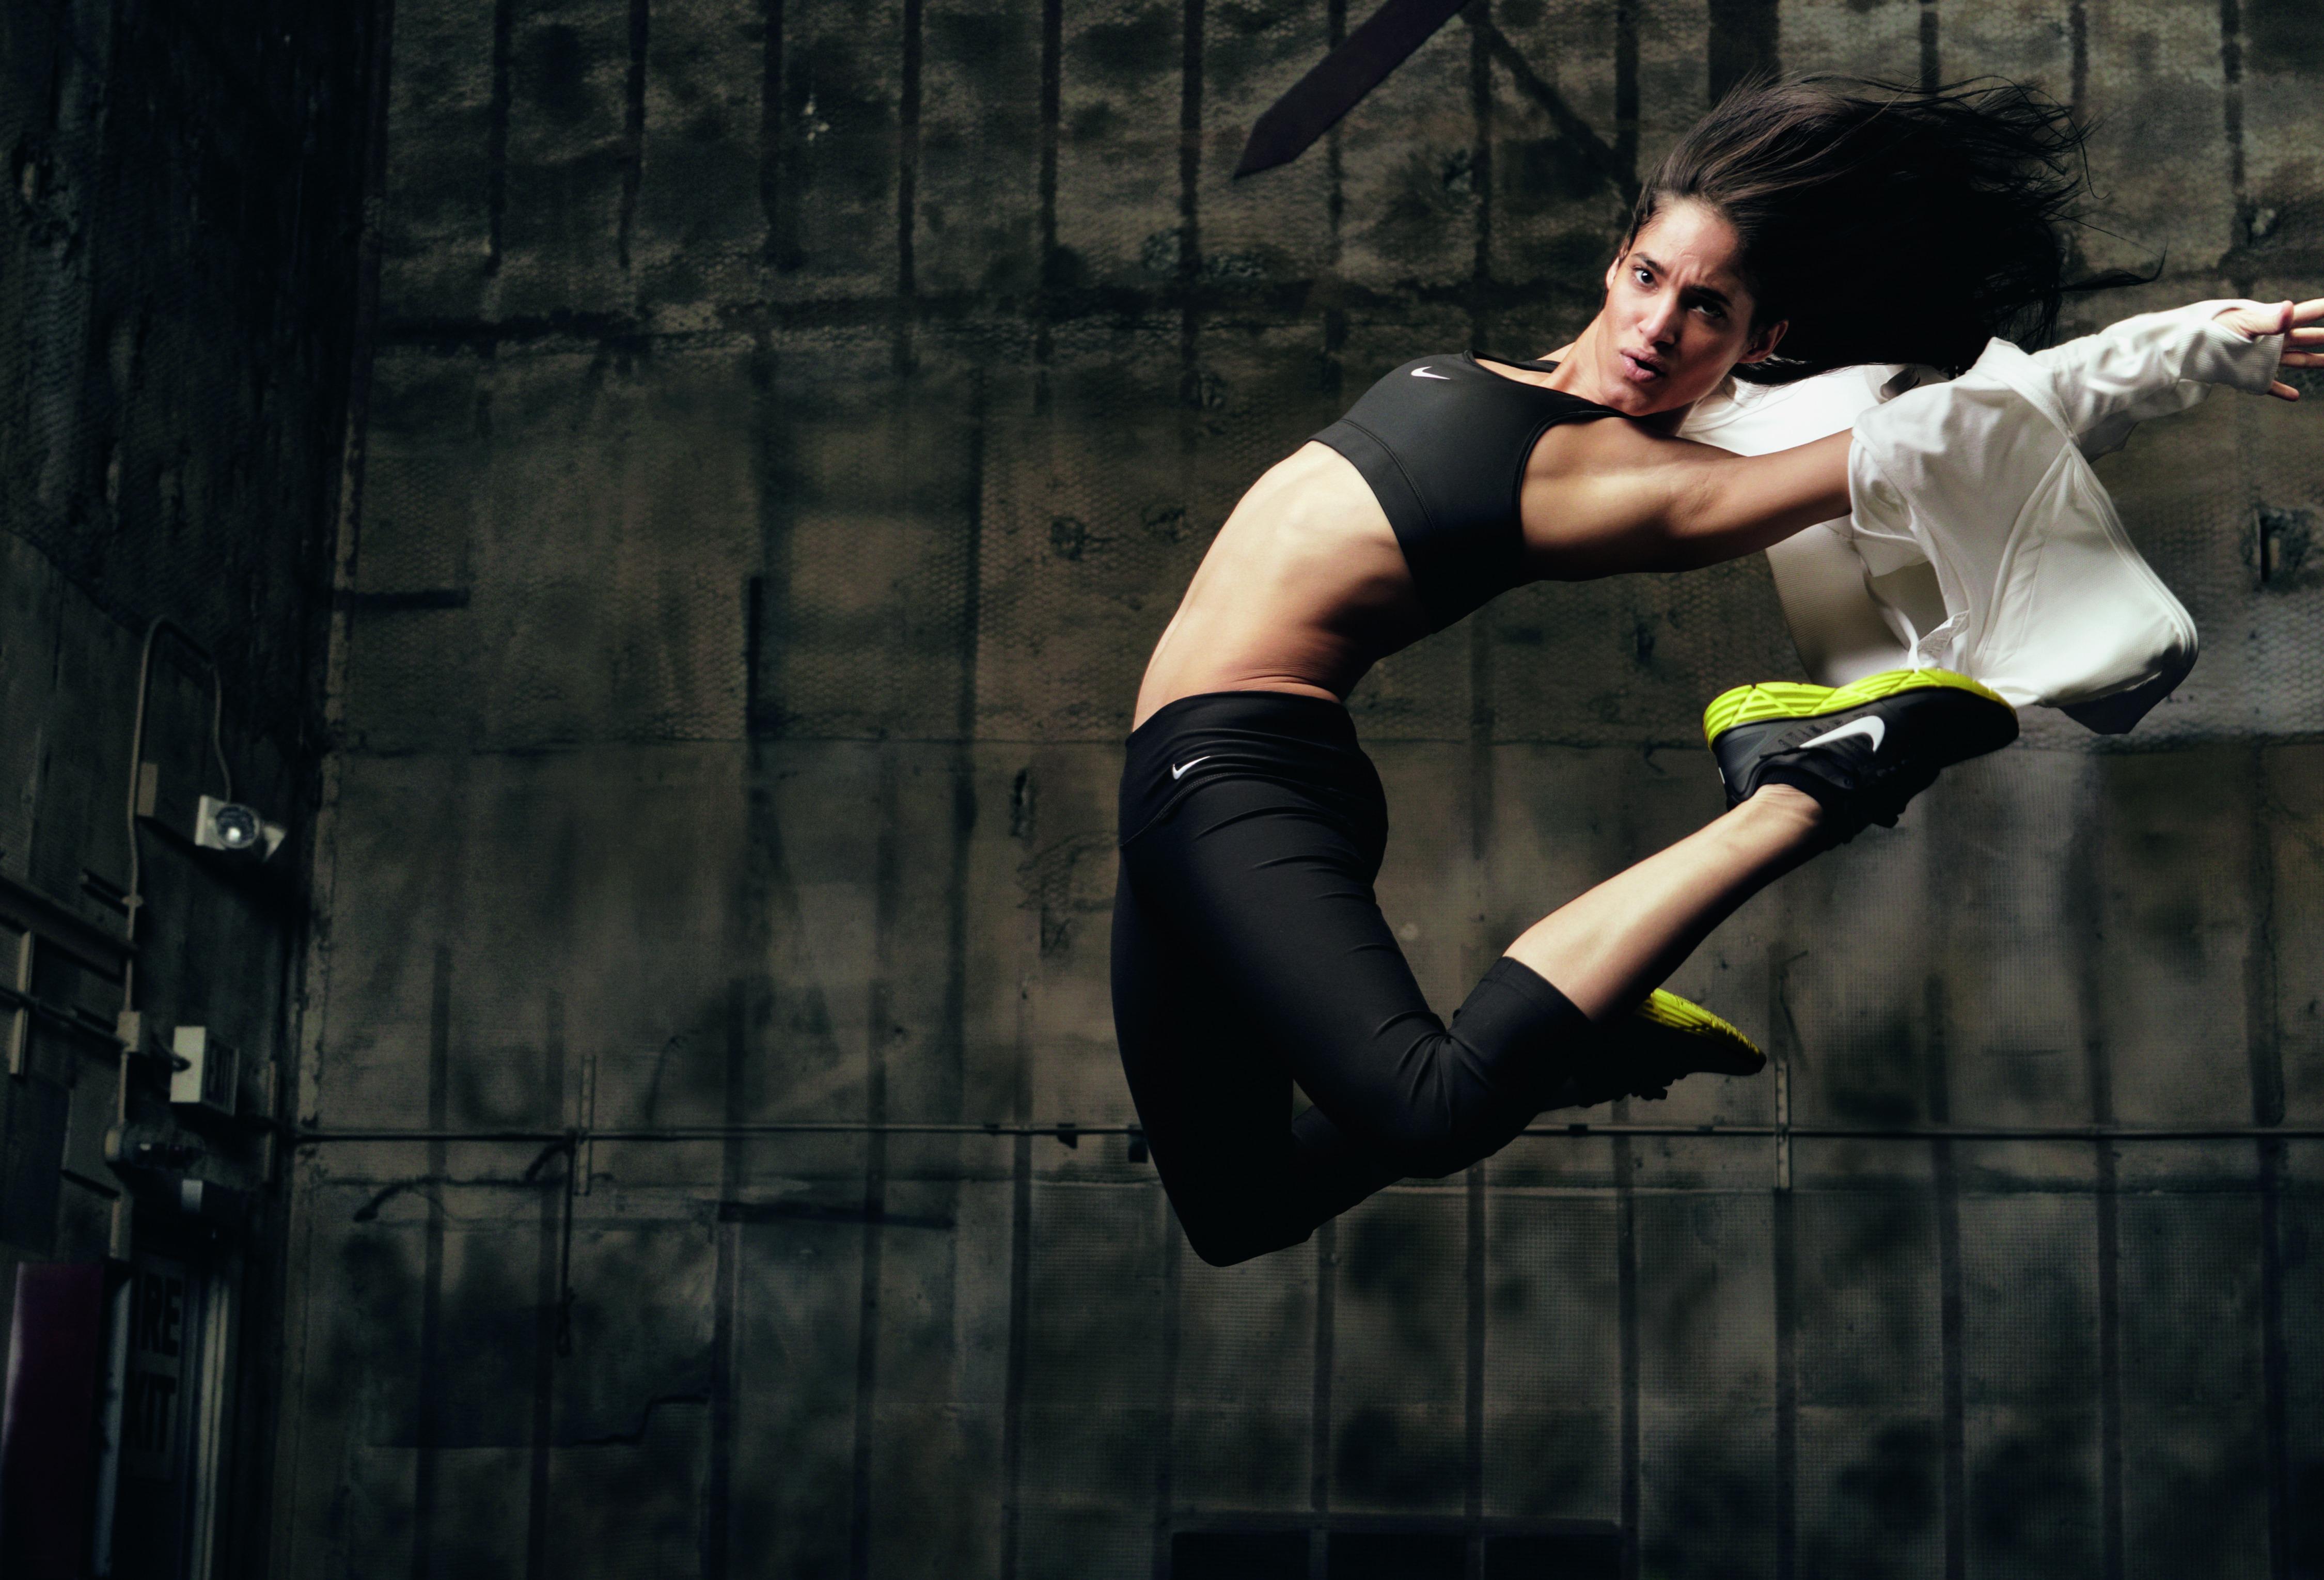 nike sportswear girl wallpaper